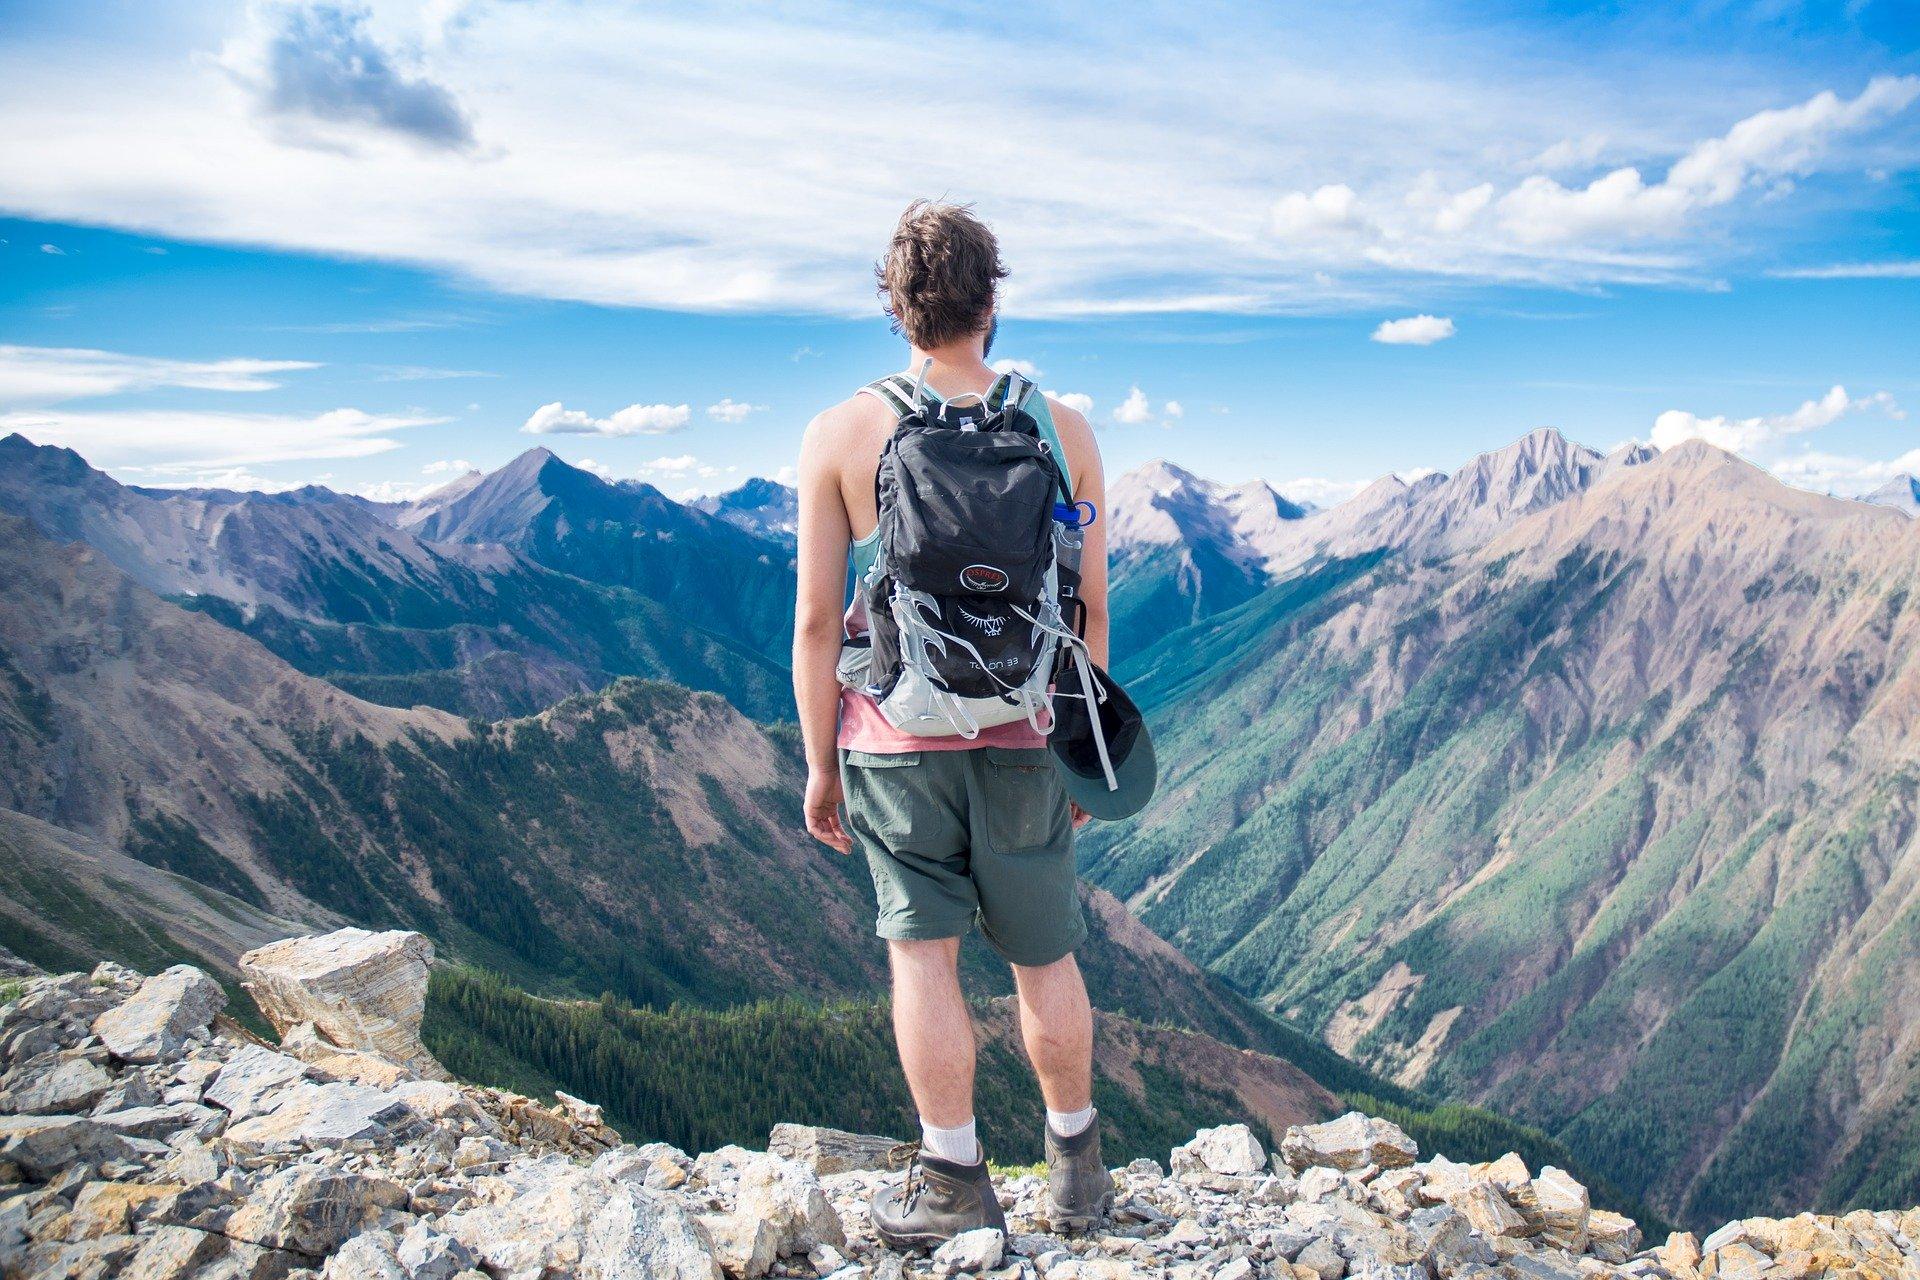 أفضل مسارات التنزه على الأقدام في العالم لرحلات اليوم الواحد